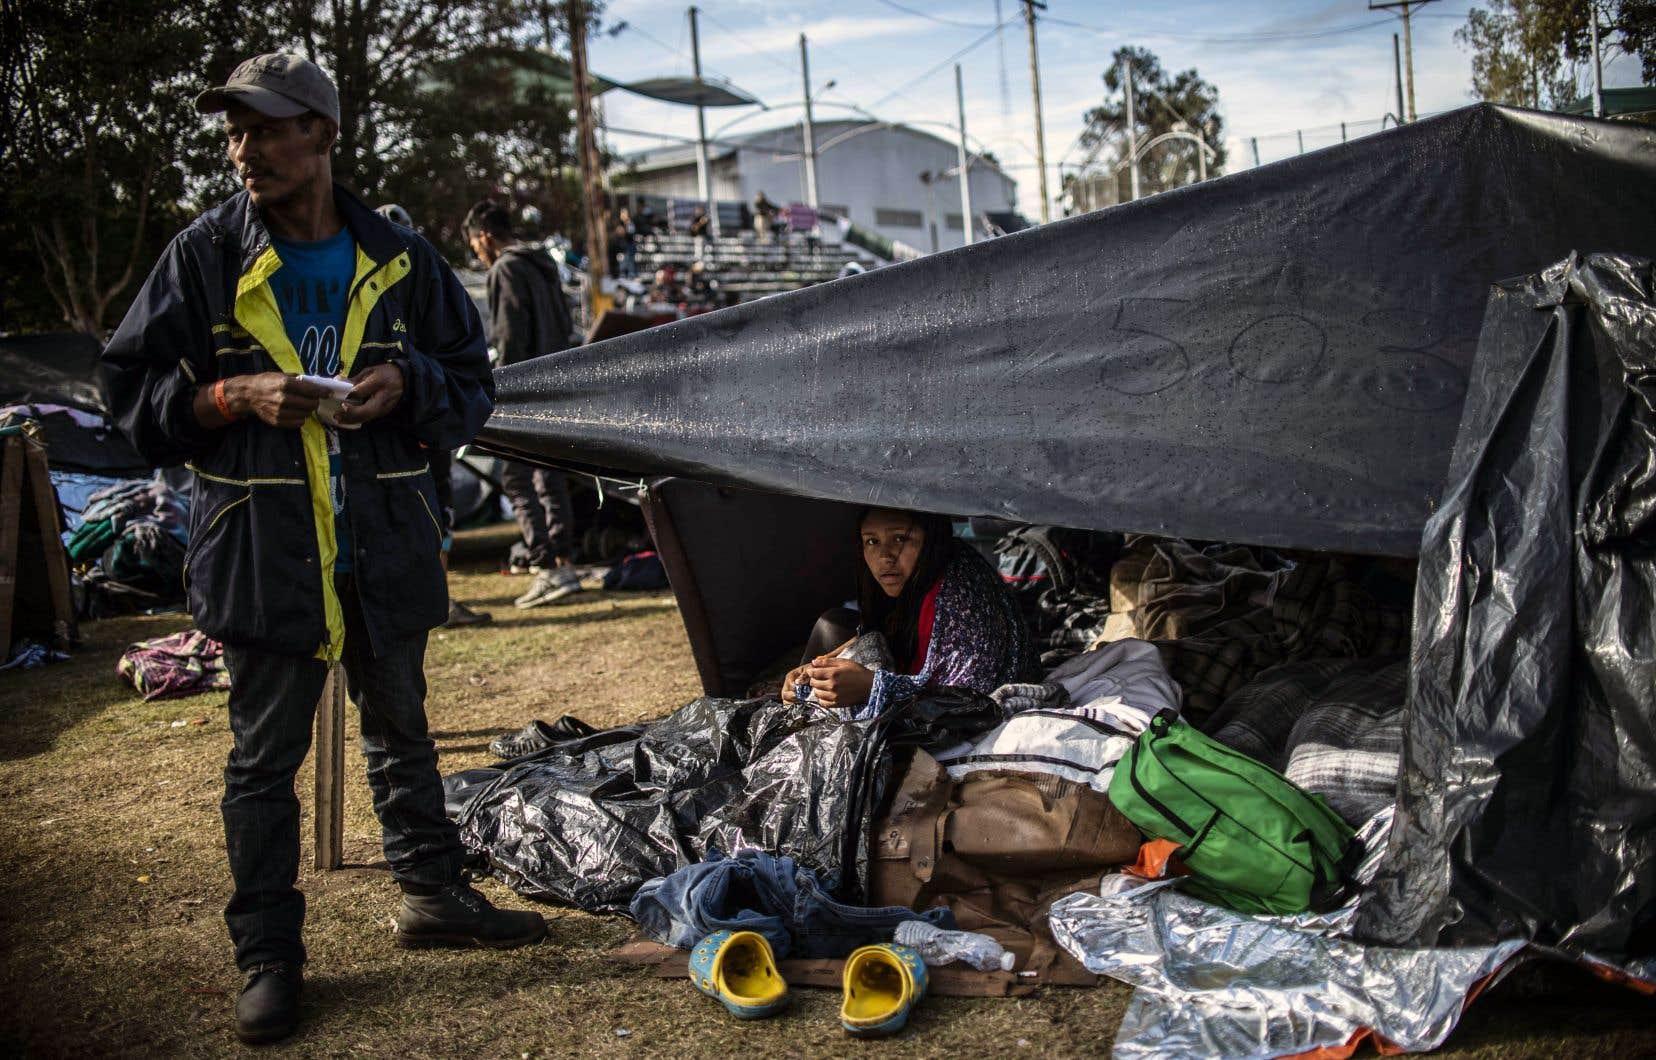 Les migrants qui se massent dans la ville de Tijuana sont à la recherche d'une vie meilleure aux États-Unis.